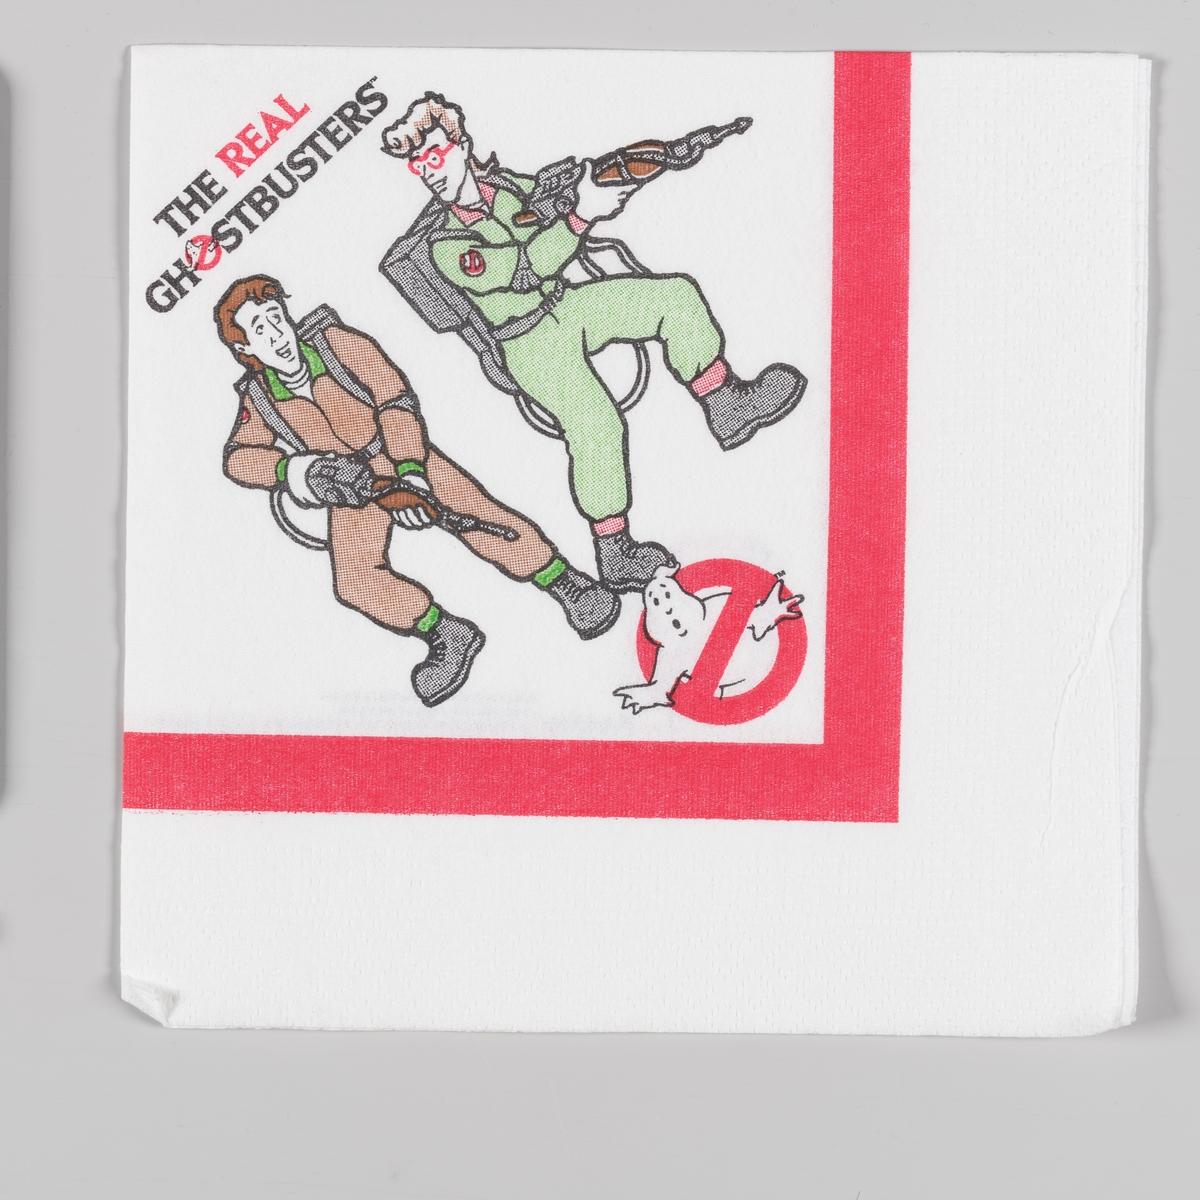 To menn i kjeledress er på jakt etter spøkelser med utstyr for spøkelsesjakt. Ghostbuster logo i form av et spøkelse i et forbudt skilt.  Ghostbuster filmene var gigantiske kinosukseer i 1980-årene. Filmene utkom i 1984 og 1989. I tilknytning til filmene utkom en sang Ghostbusters og flere tegneserieoppfølgninger og salg av produkter med ghostbuster logo.